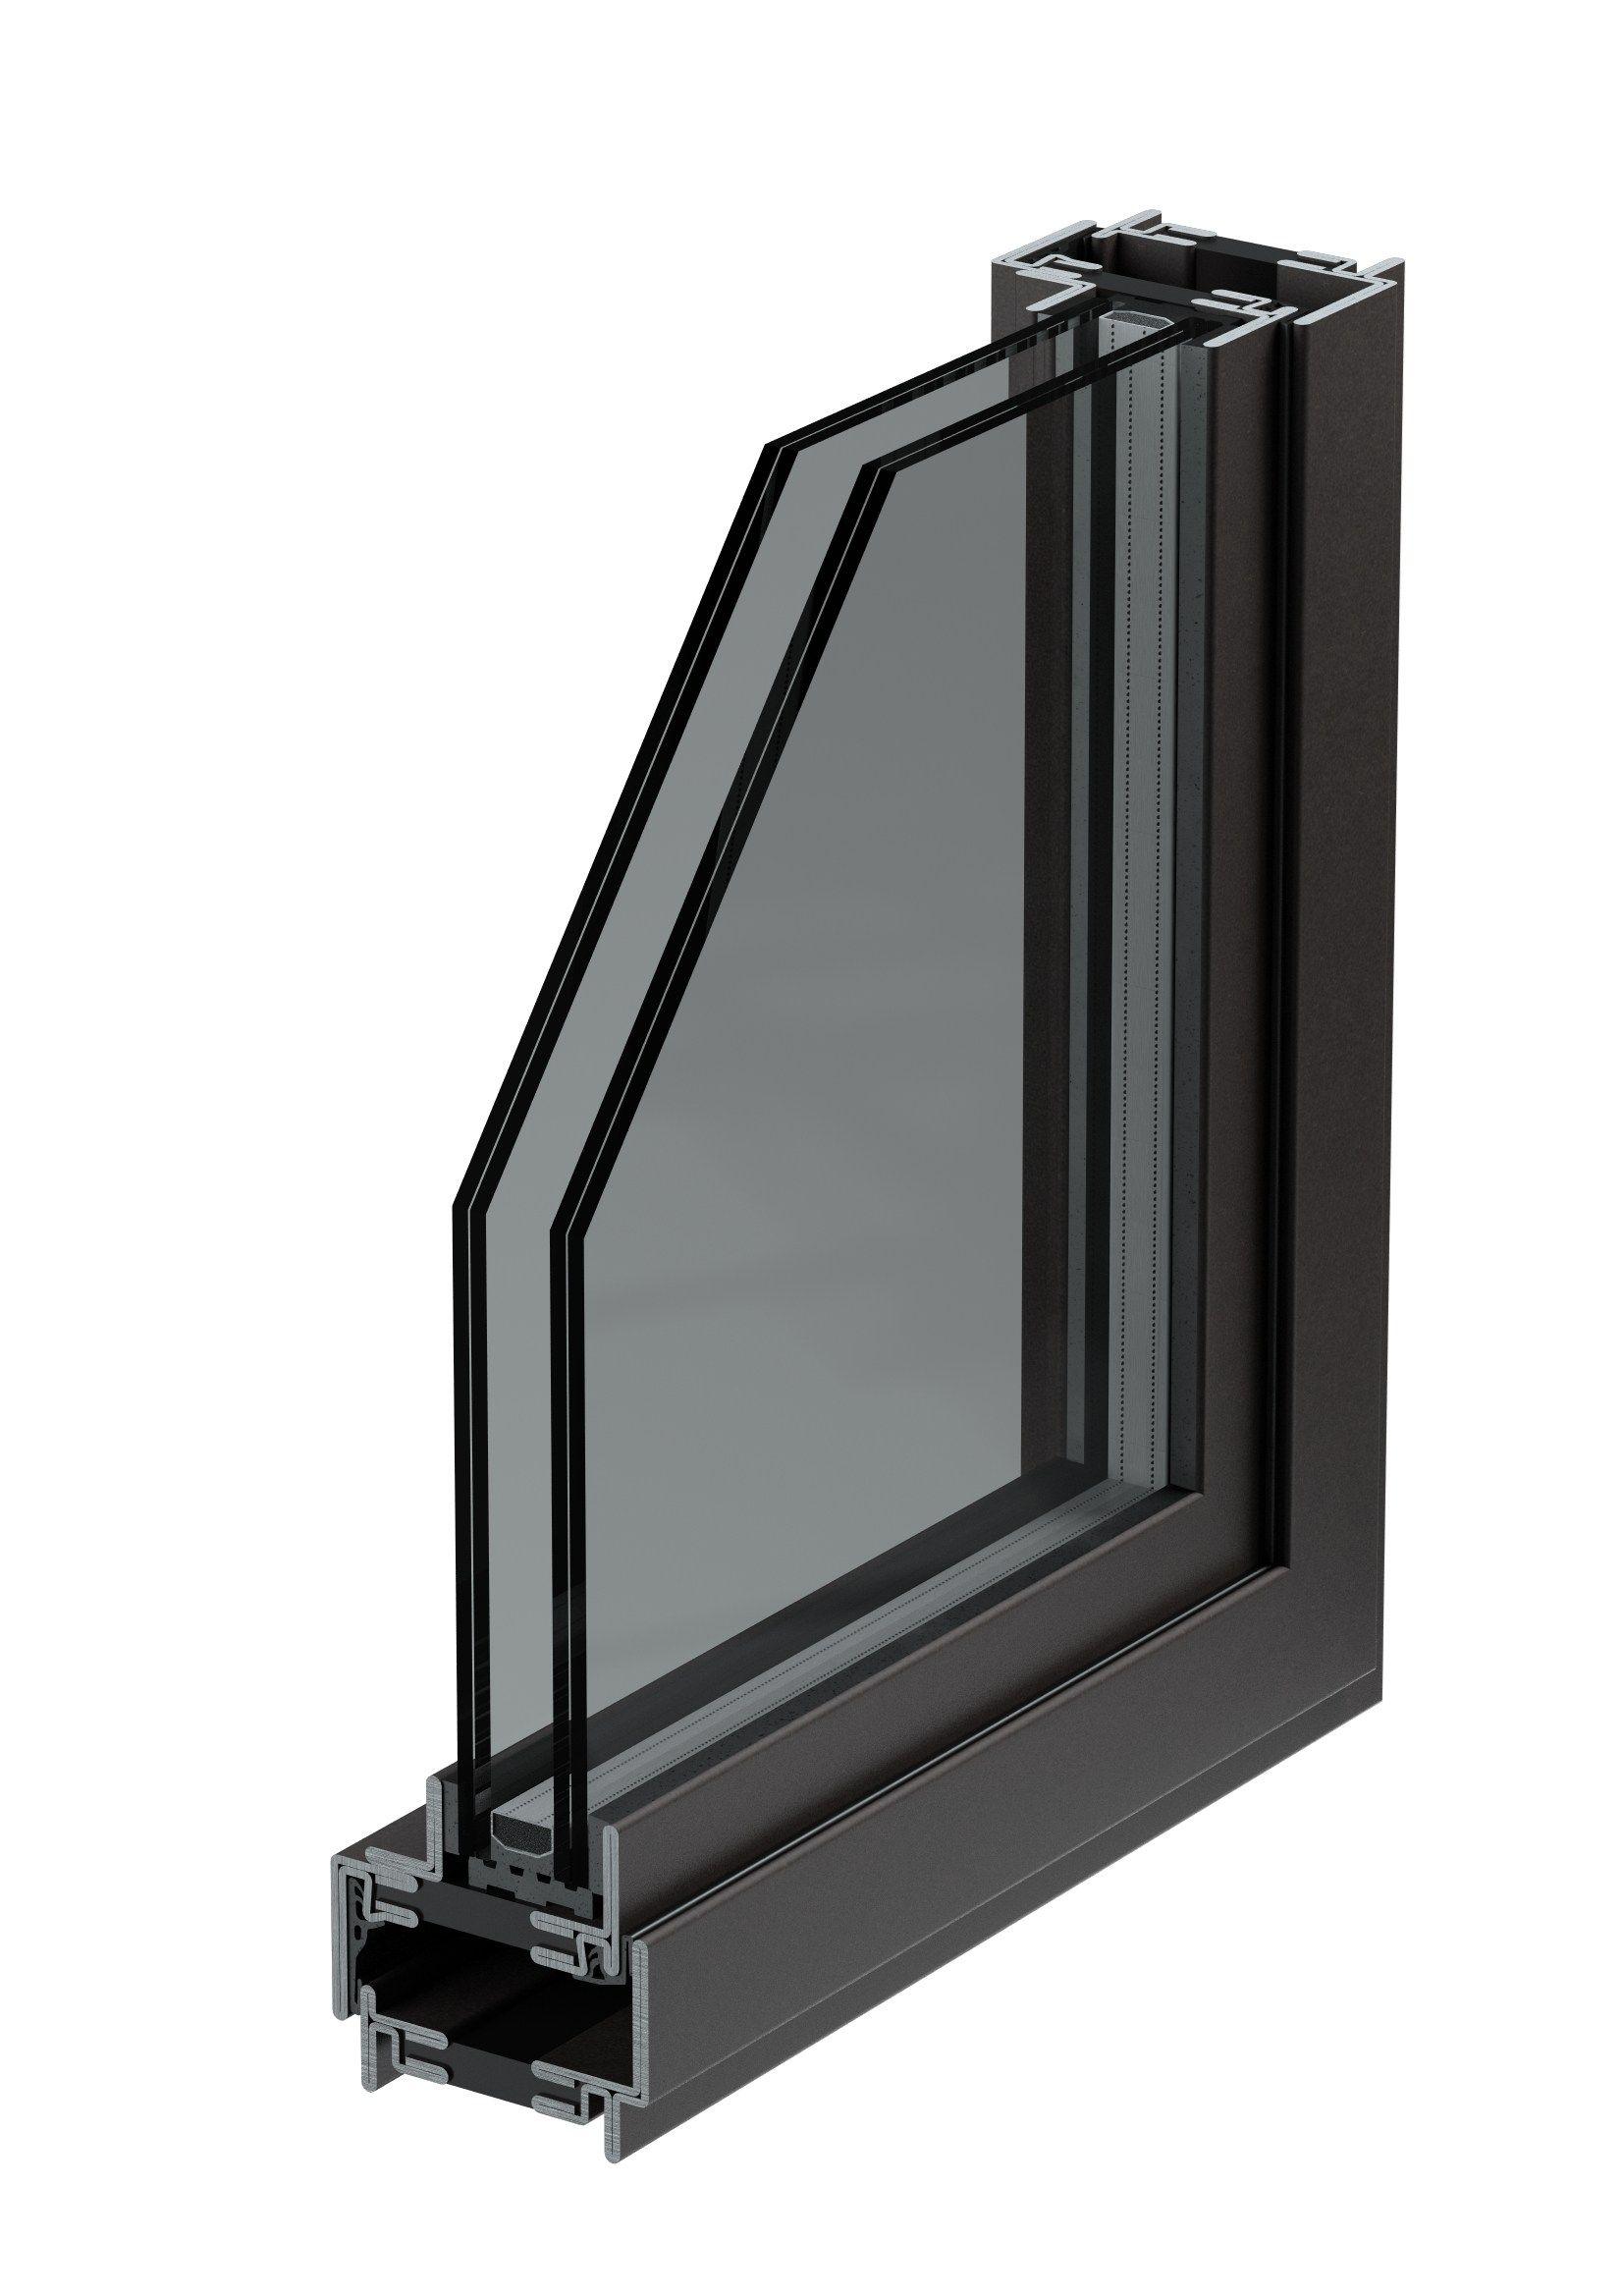 Ferrofinestra taglio termico porta finestra scorrevole by mogs srl unipersonale - Finestre a taglio termico ...